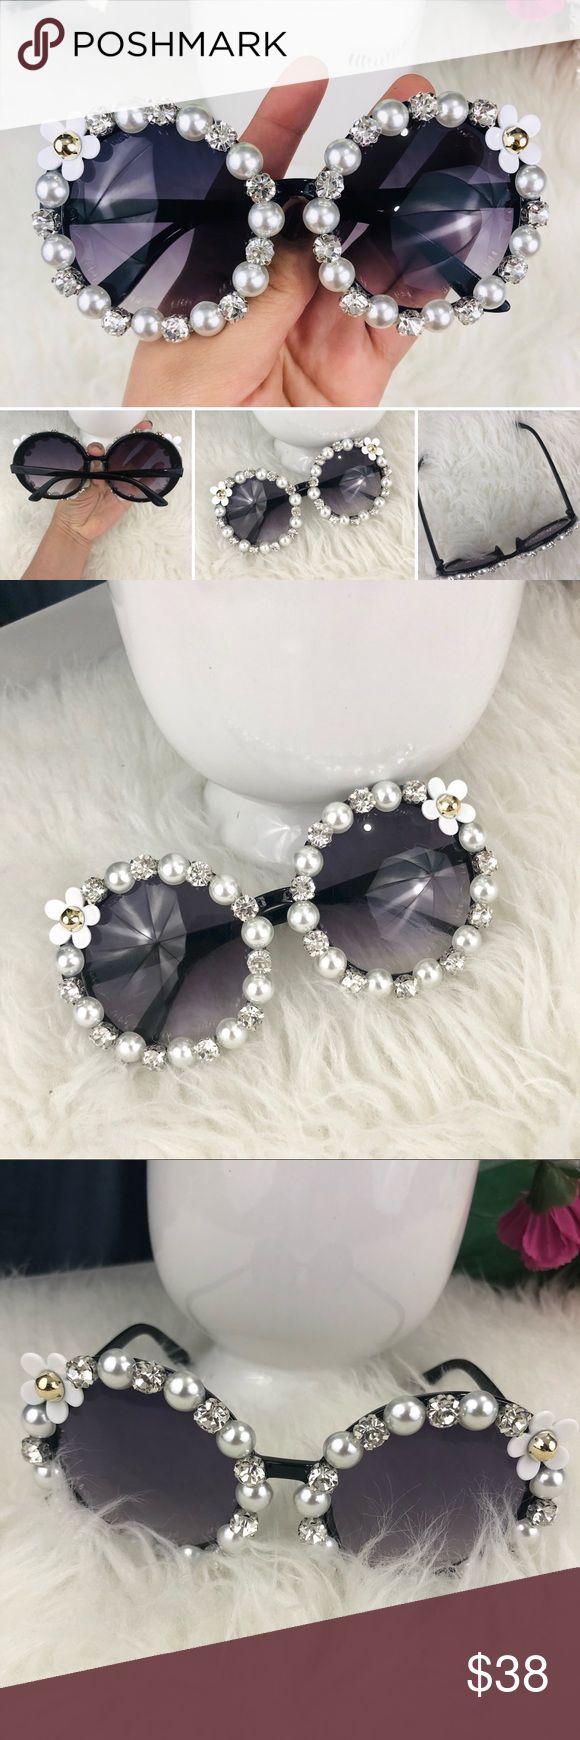 Óculos de sol da moda Óculos de sol novos, fofos e modernos, com pérolas …   – My Posh Picks